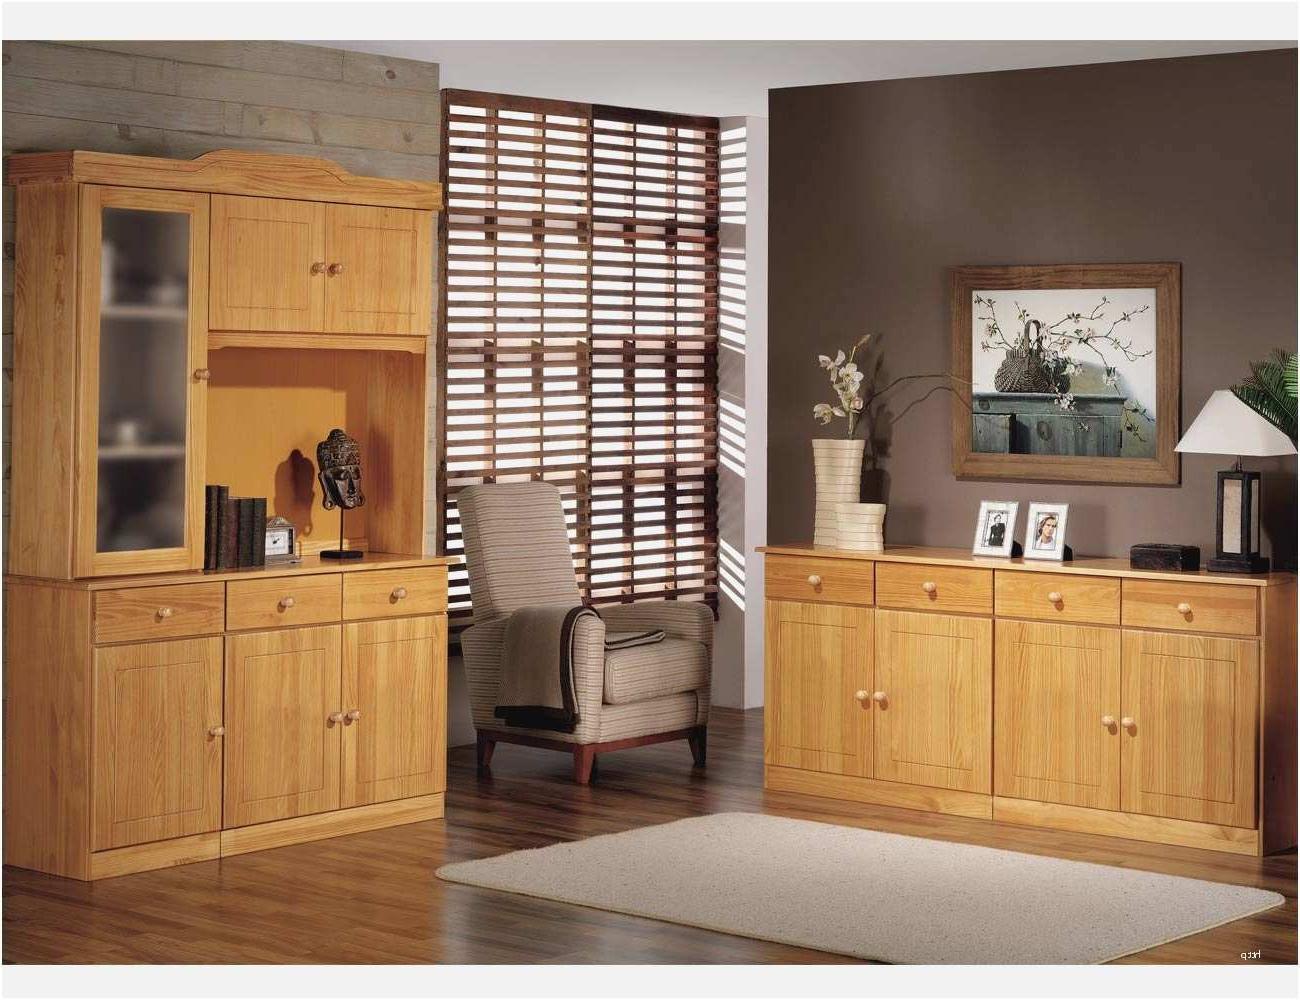 Muebles De Pino Color Miel Bqdd Nuevo Muebles Pino Color Miel Vangion Interiores Casas